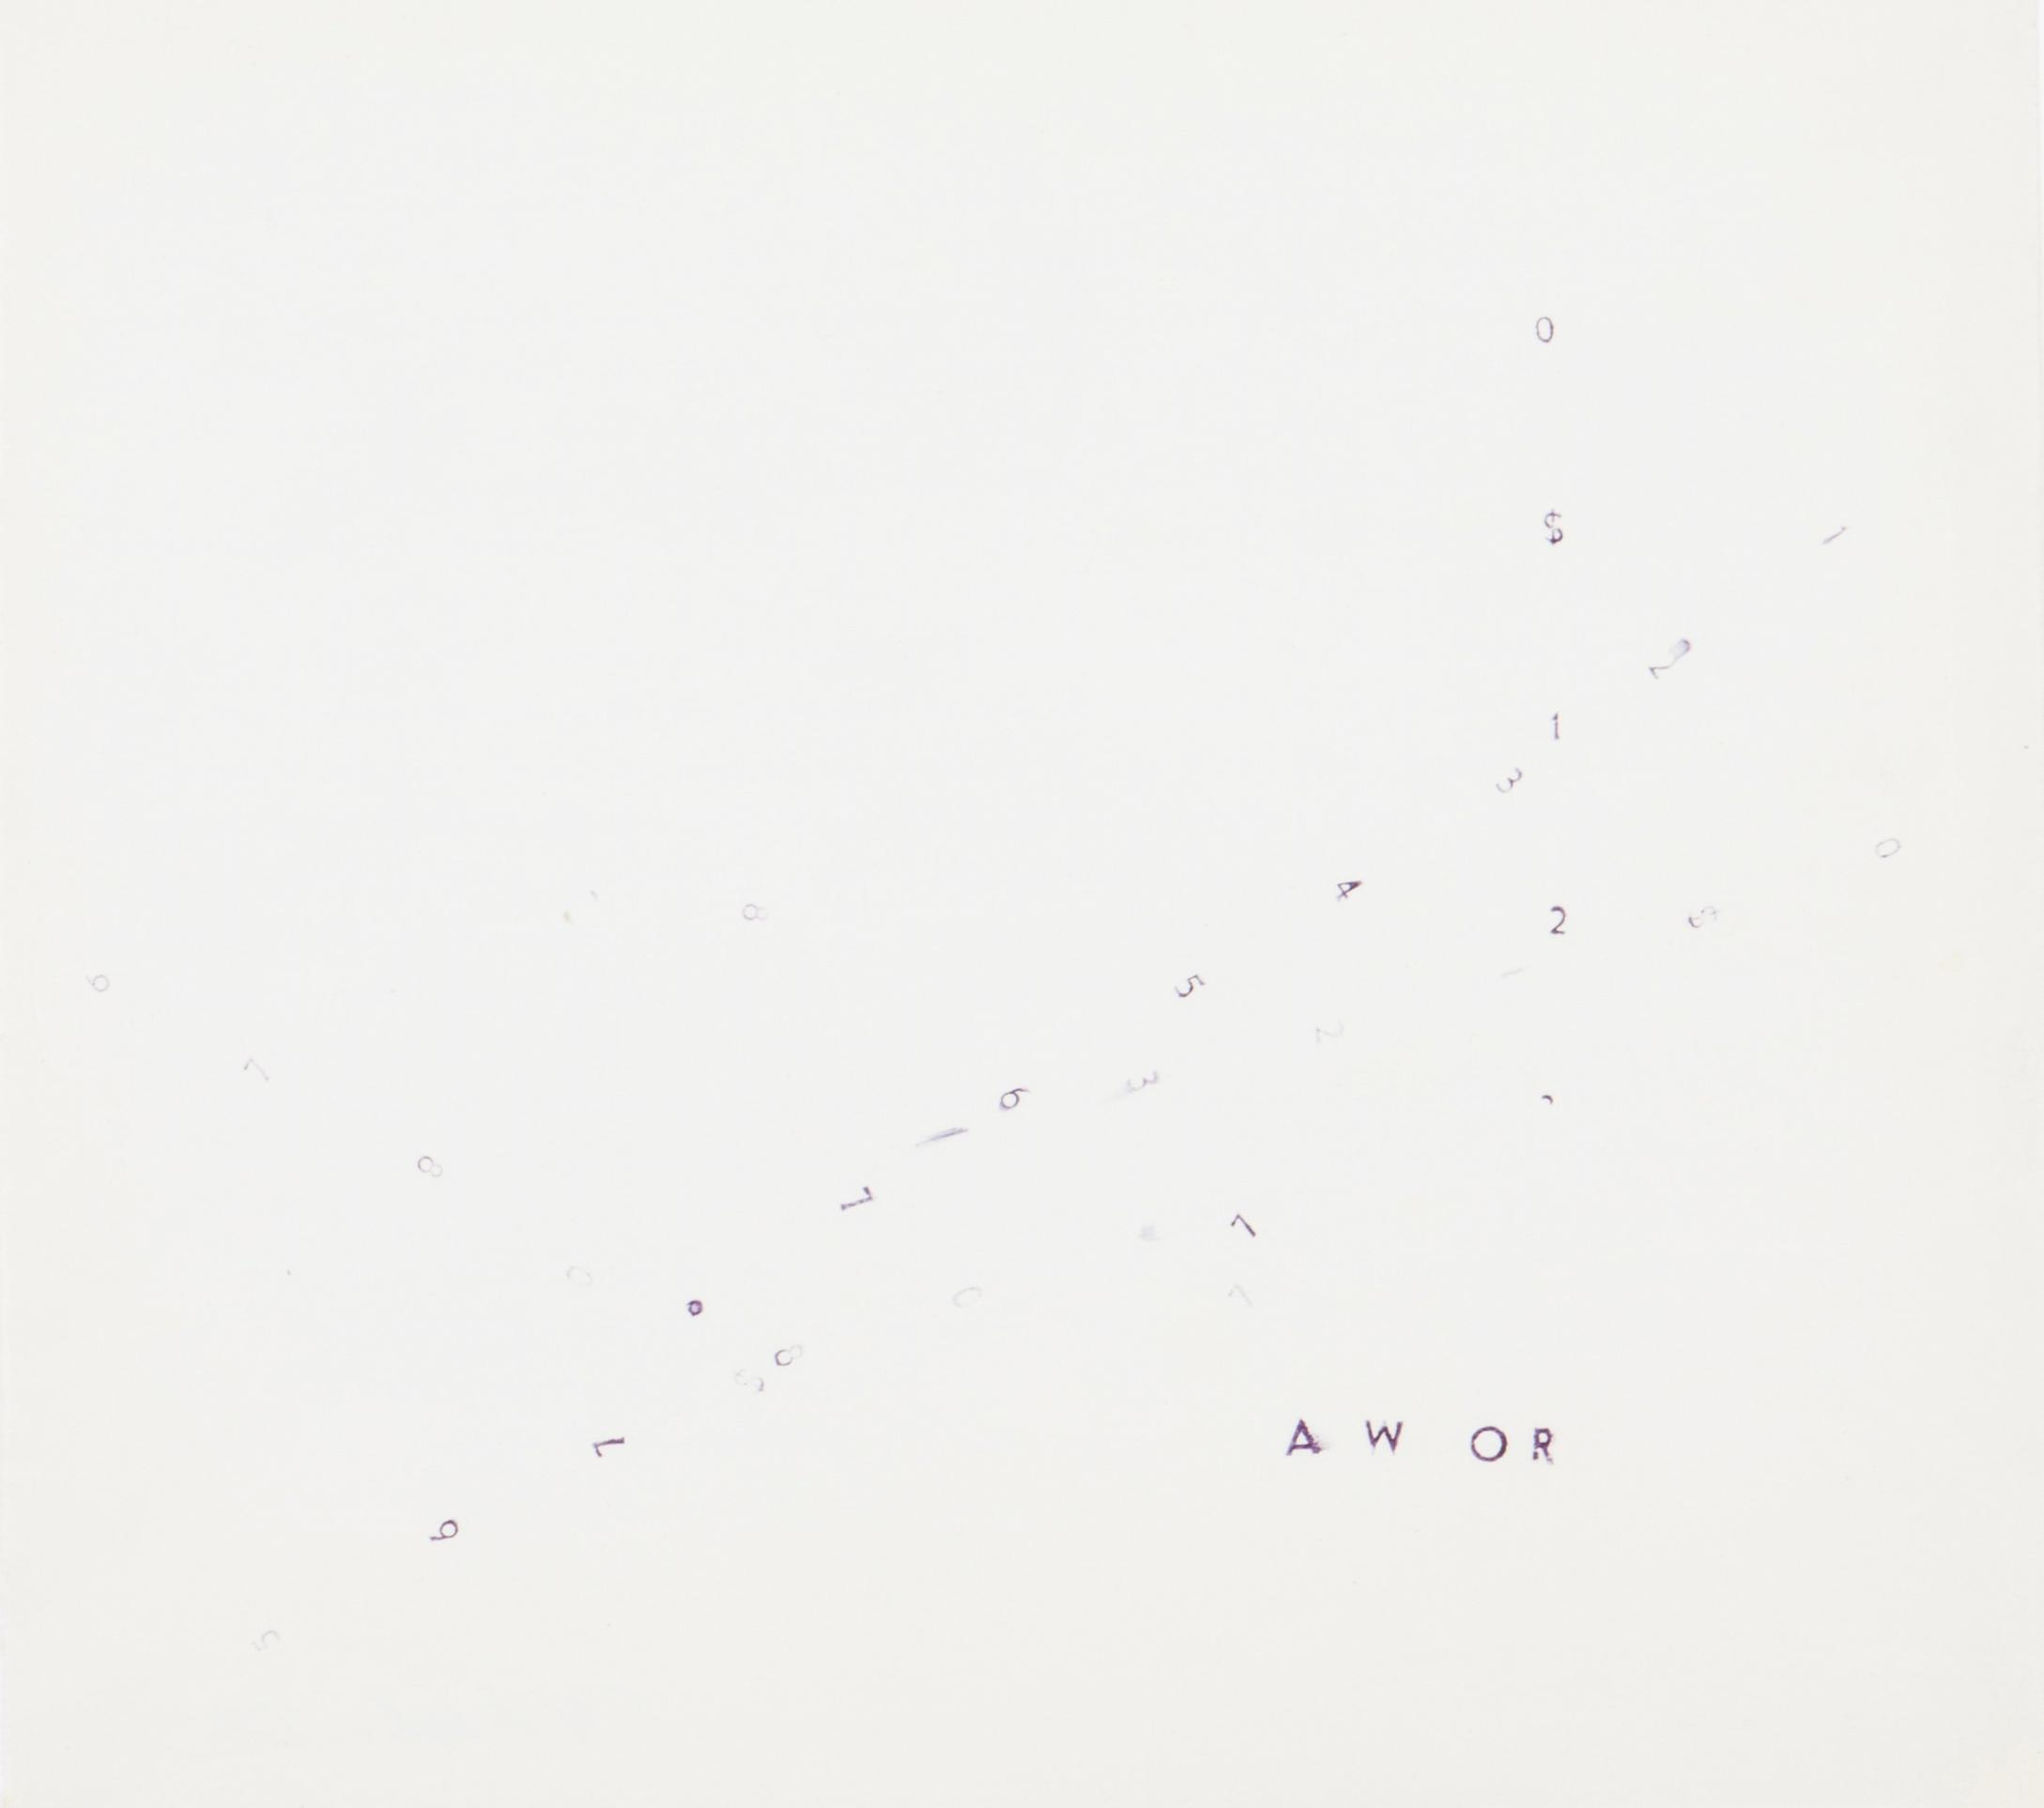 E. M. De Melo E Castro - Untitled (Awor)-